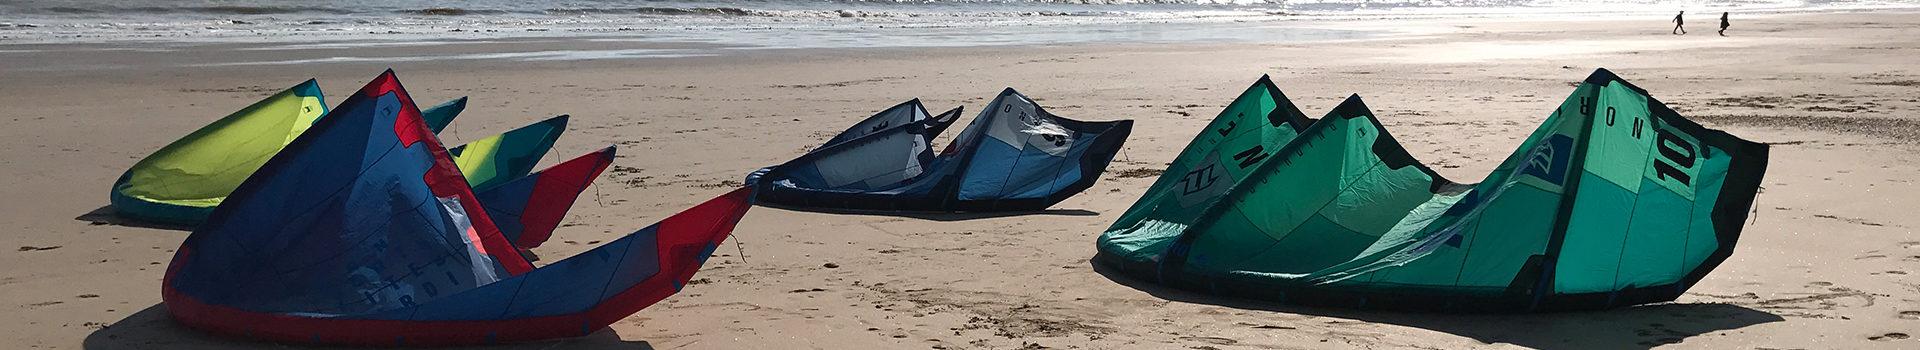 cours plage la baule école kite